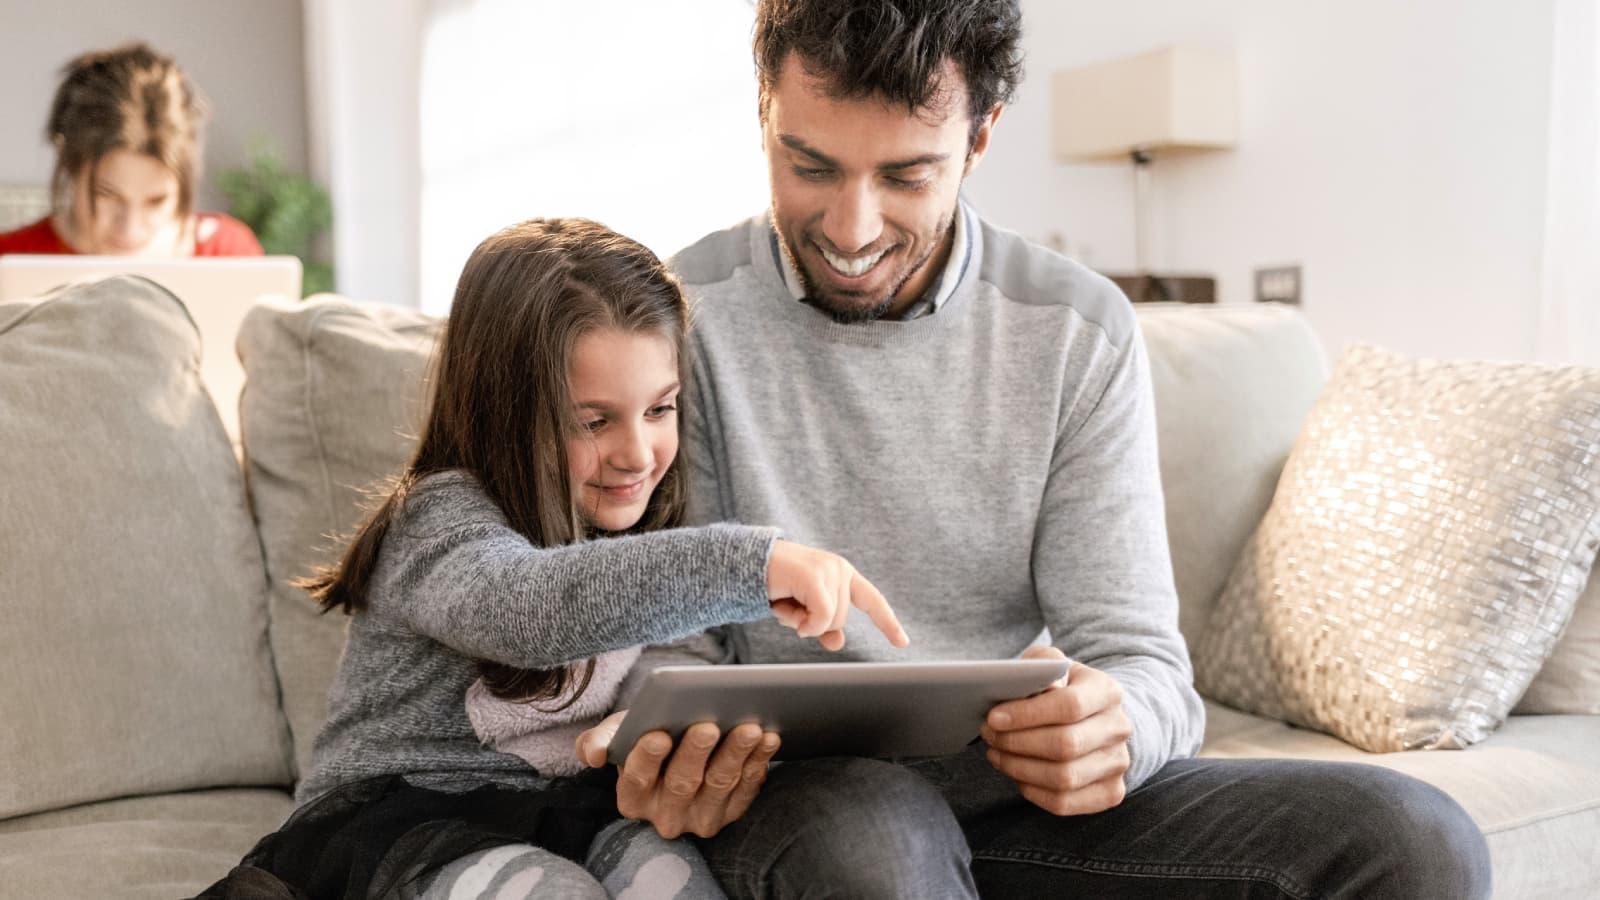 Protégez votre famille avec SFR FAMILY!